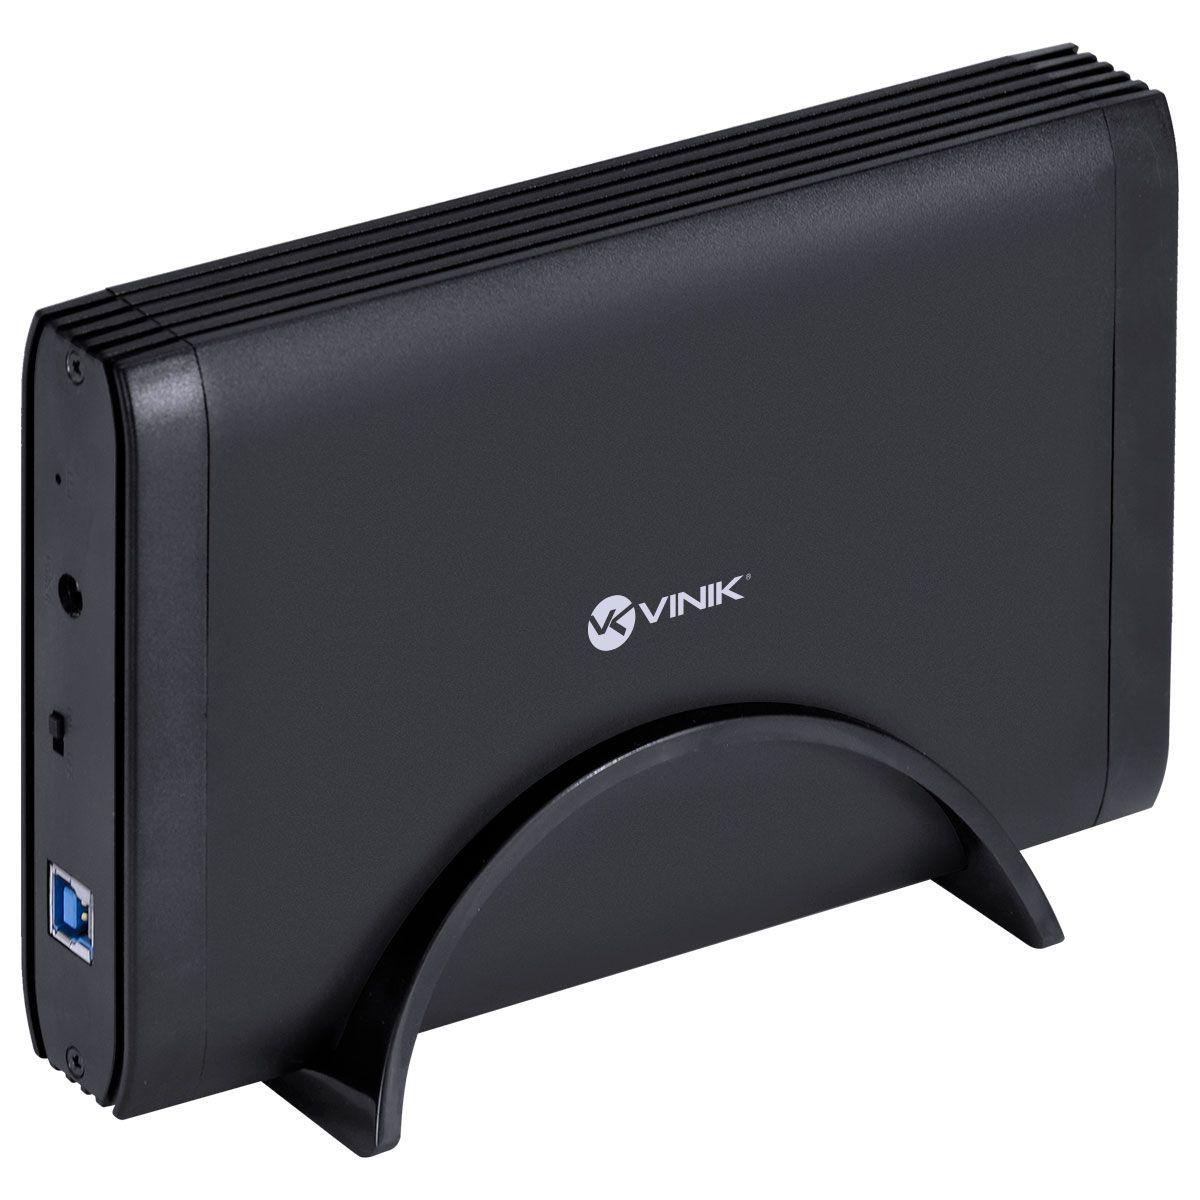 Case Externo para HD 3.5 USB 3.0 Tipo B com Chave I/O Preto CH35-30O 29858 - Vinik